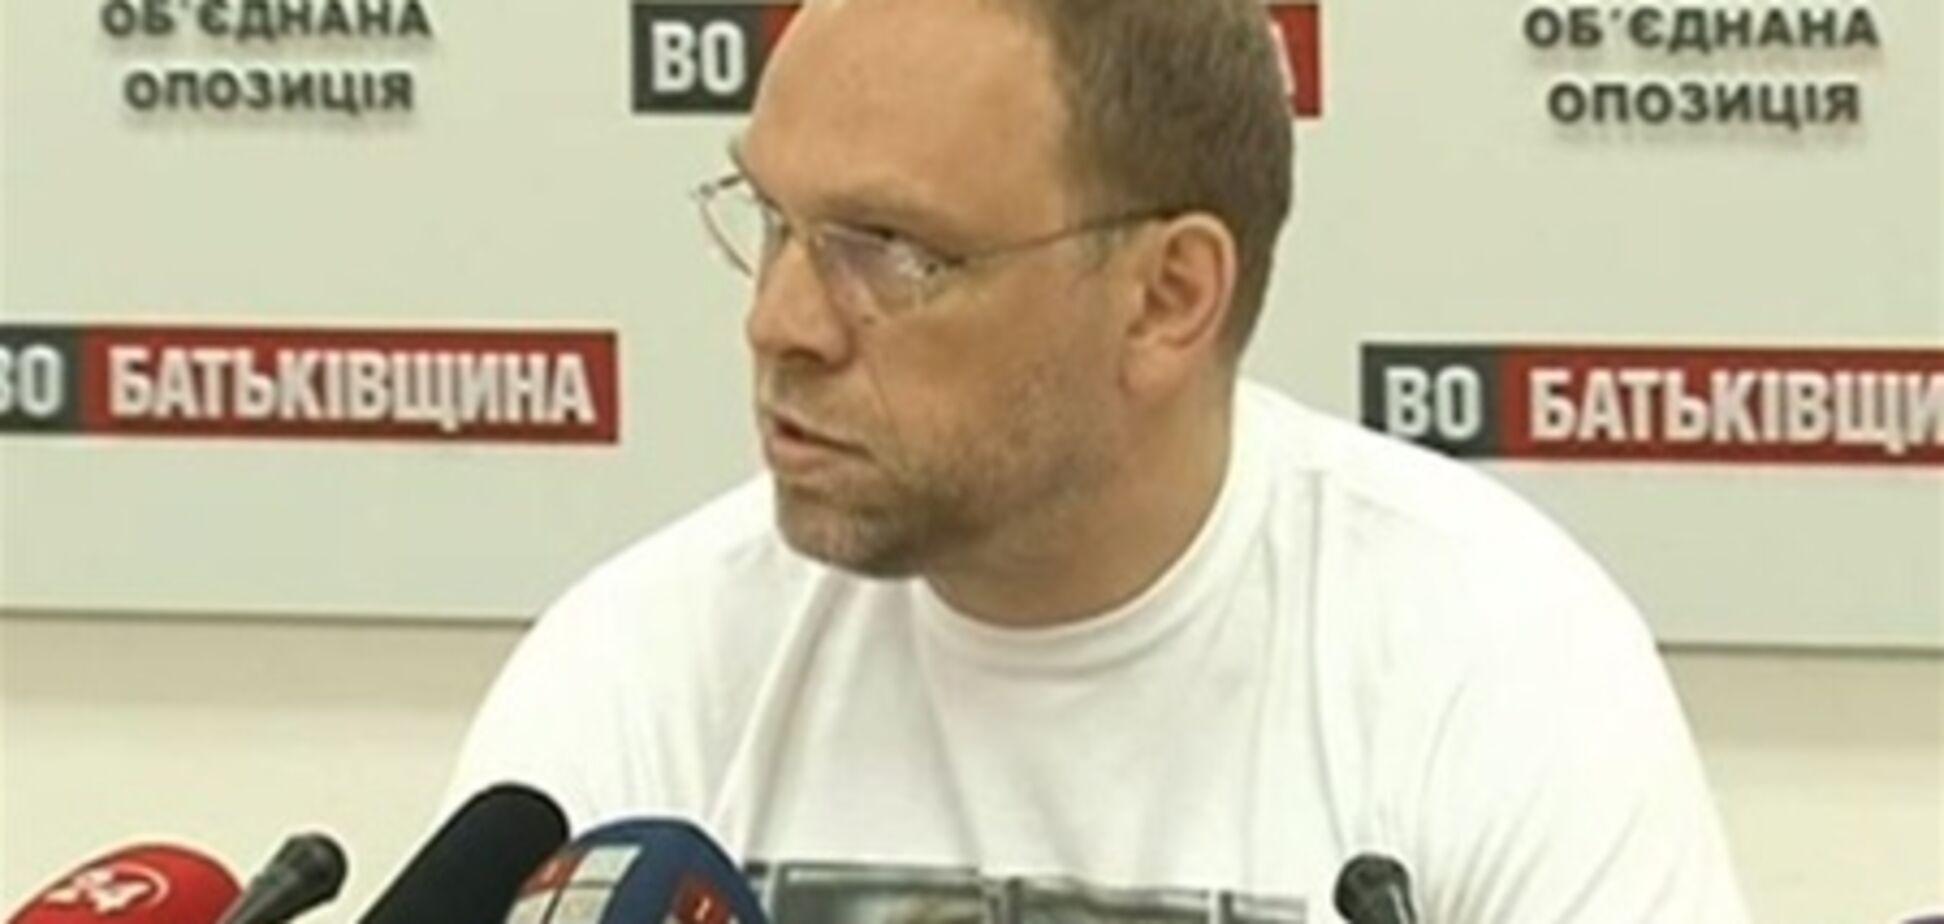 Следствие по делу Щербаня не ведется – Власенко